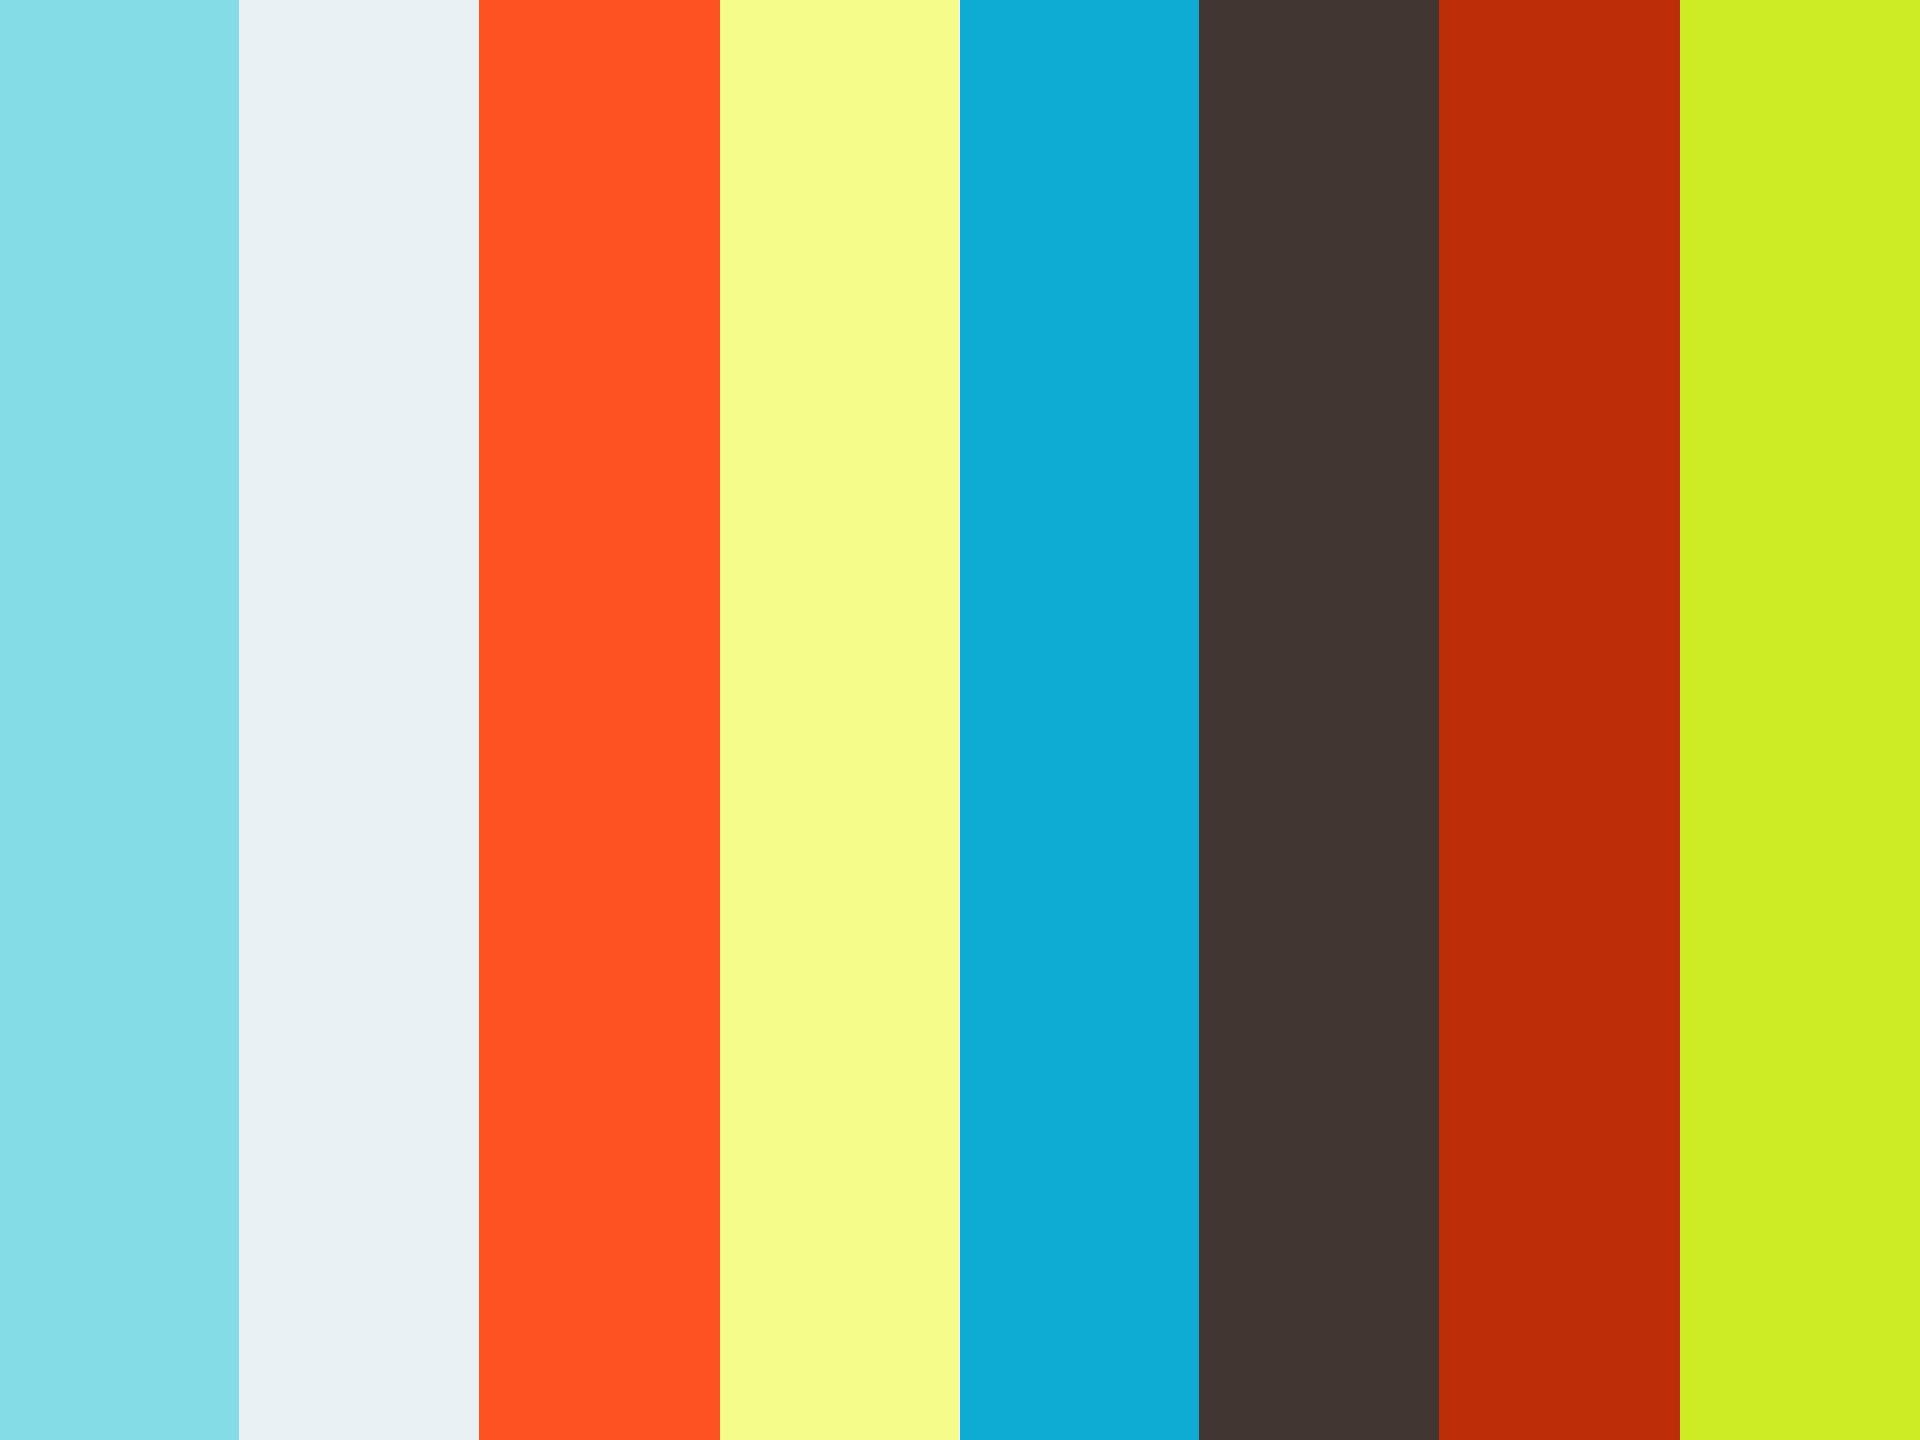 Rencontre Sexe Gay Saint Quentin En Yvelines, Villiers-sur-Marne Rencontre Plan Cul